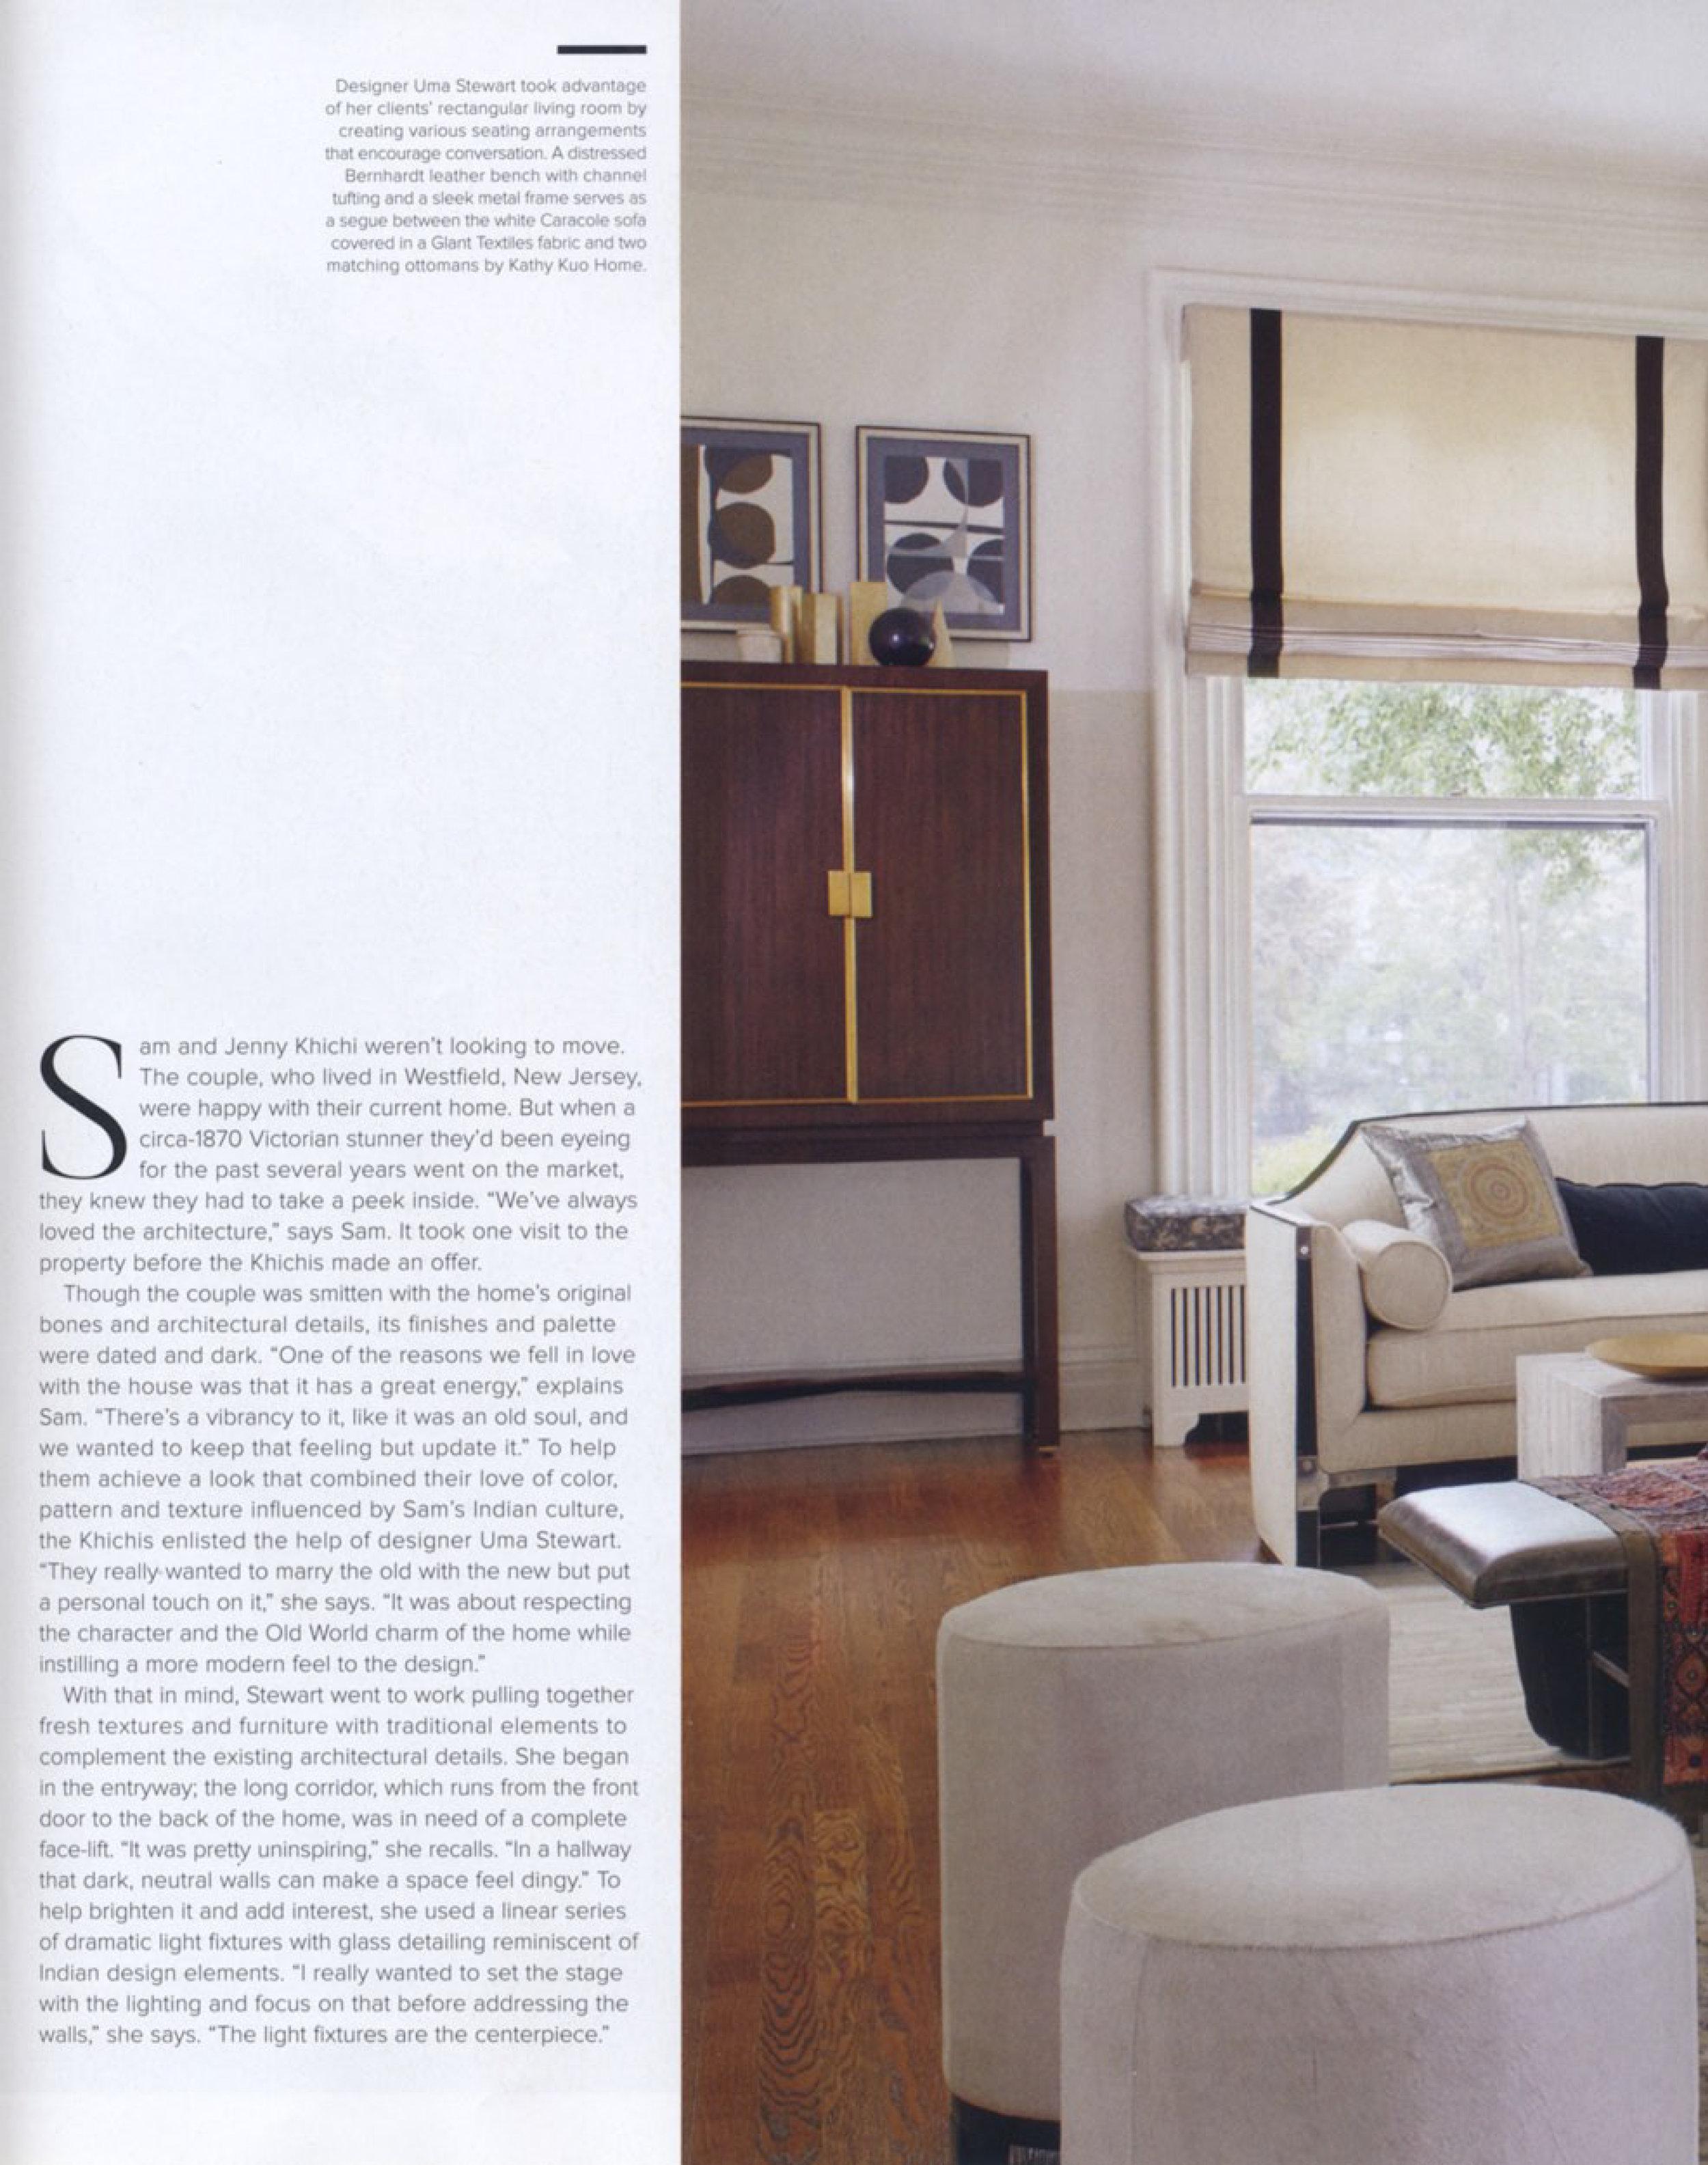 luxe201902-4.jpg